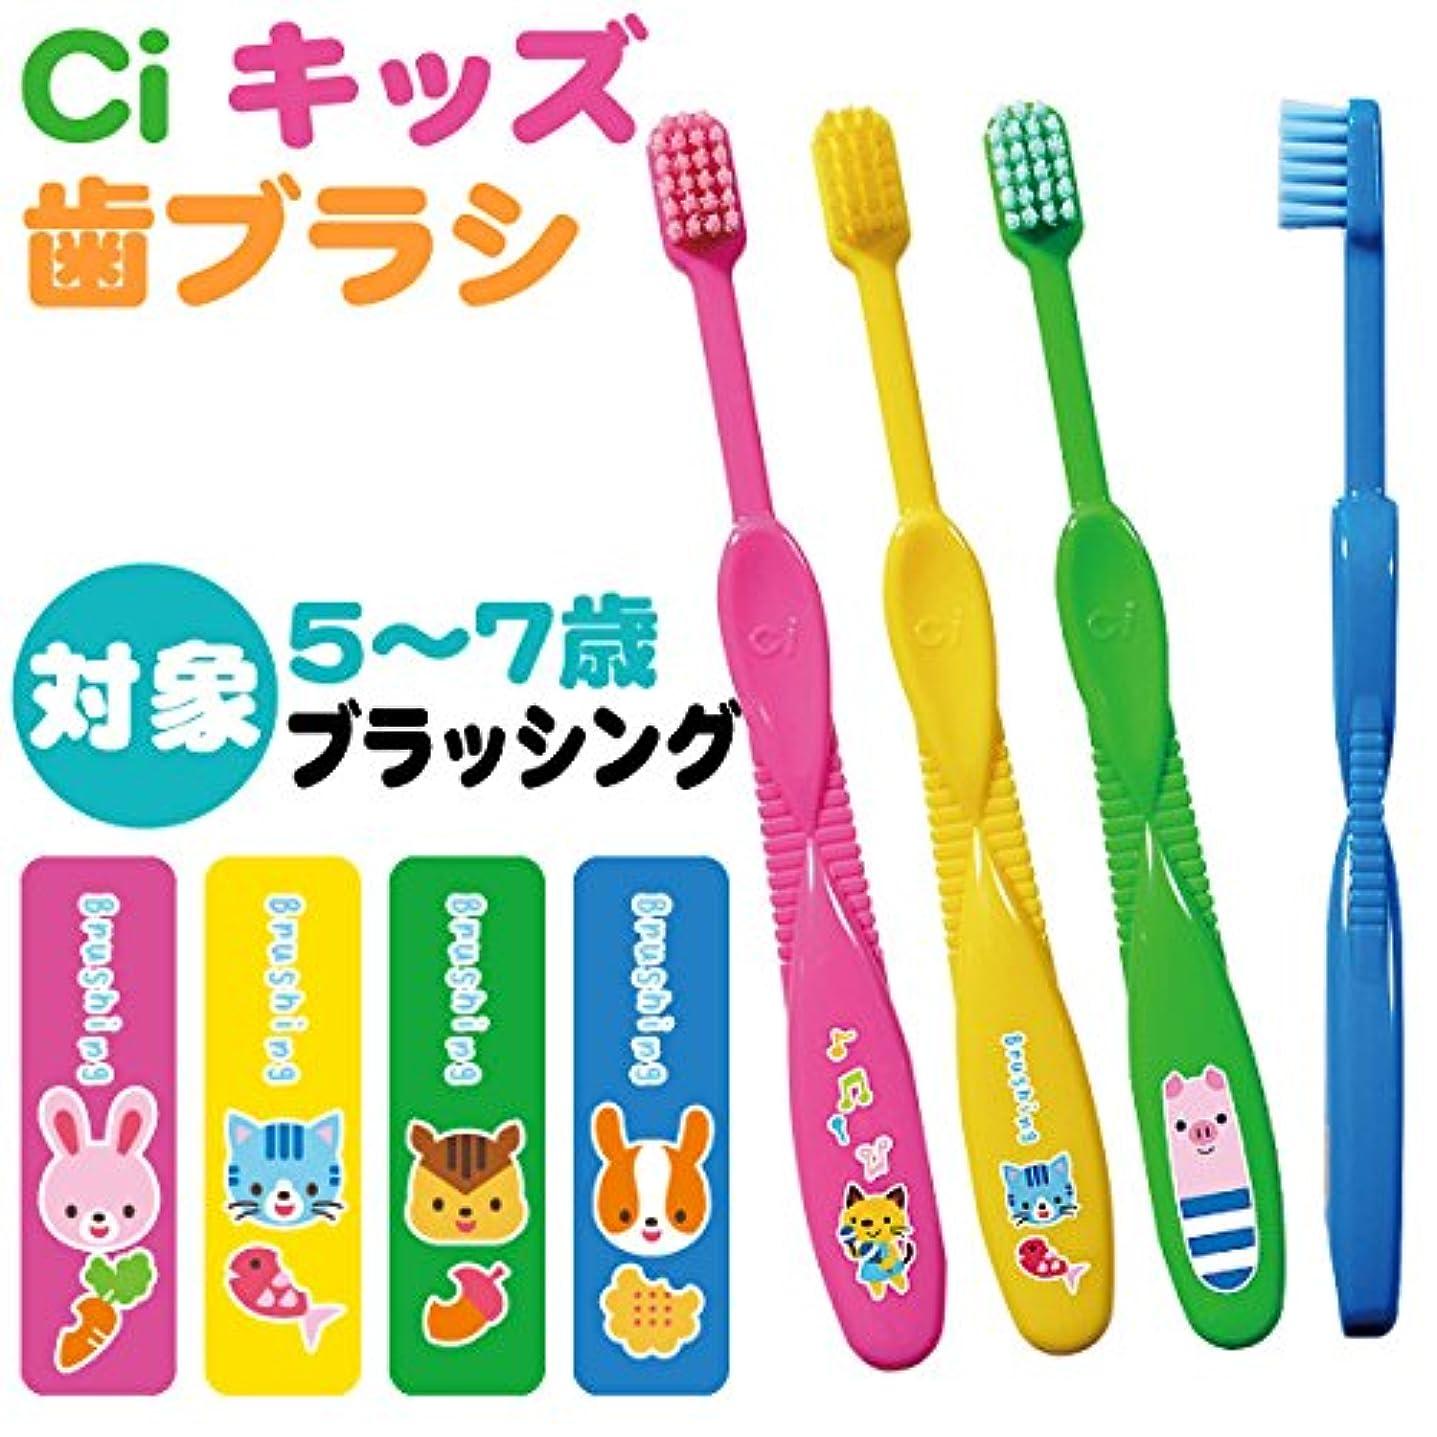 付添人振幅セールCiキッズ歯ブラシ ブラッシング柄 4本